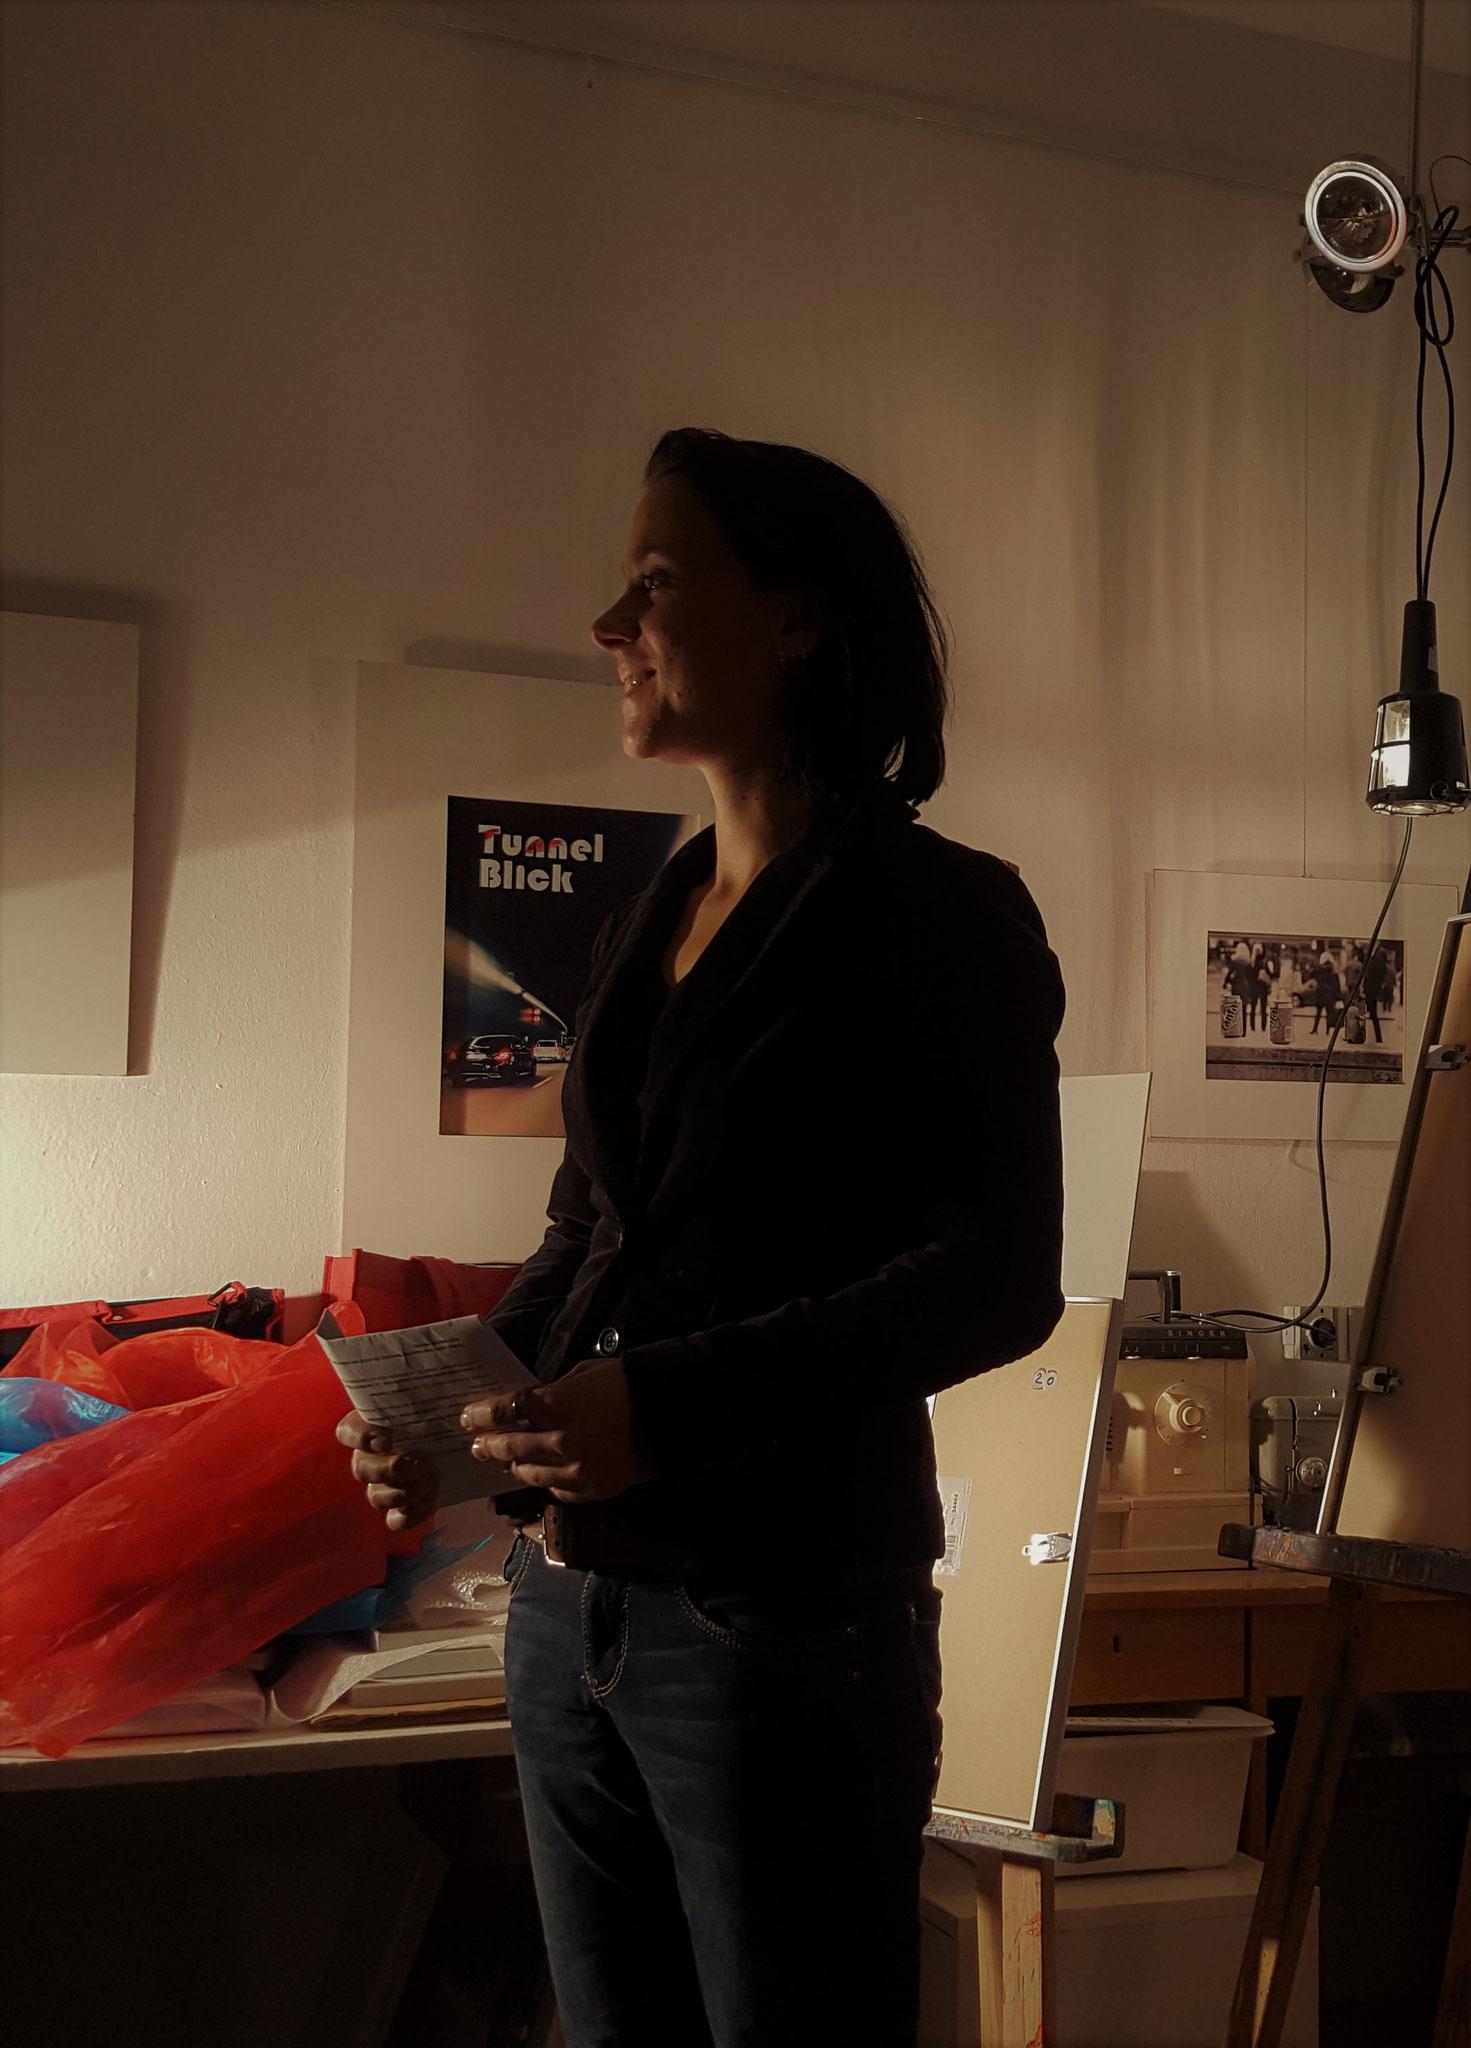 Moderatorin des Abends Sabine Brandl